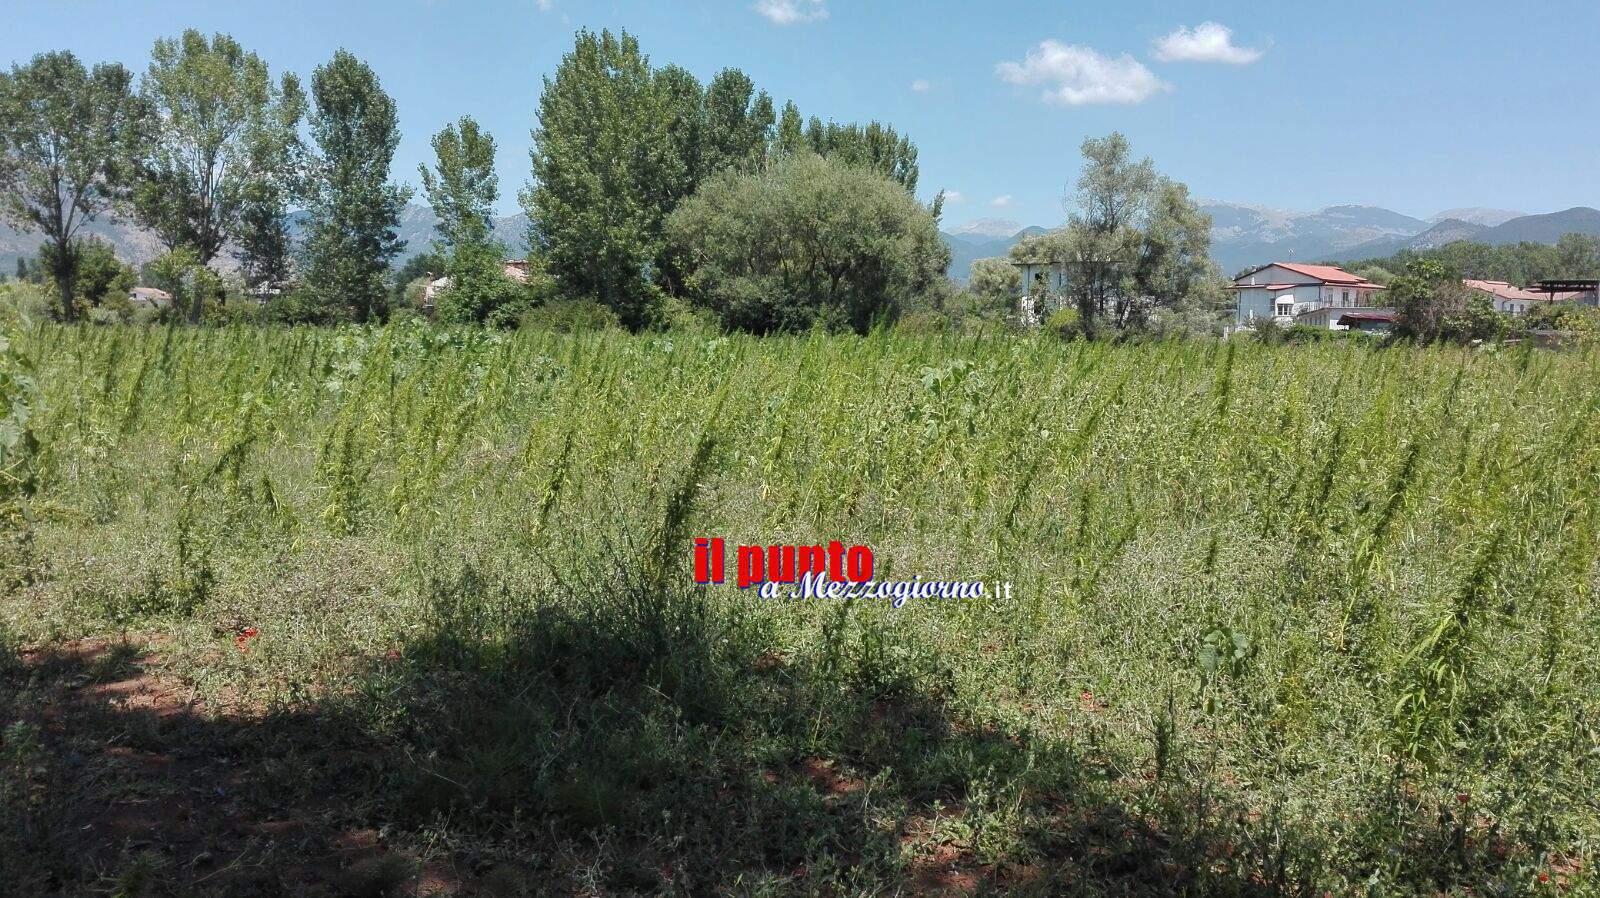 Piantagione di marijuana di 4 ettari a Cassino, ma è legale